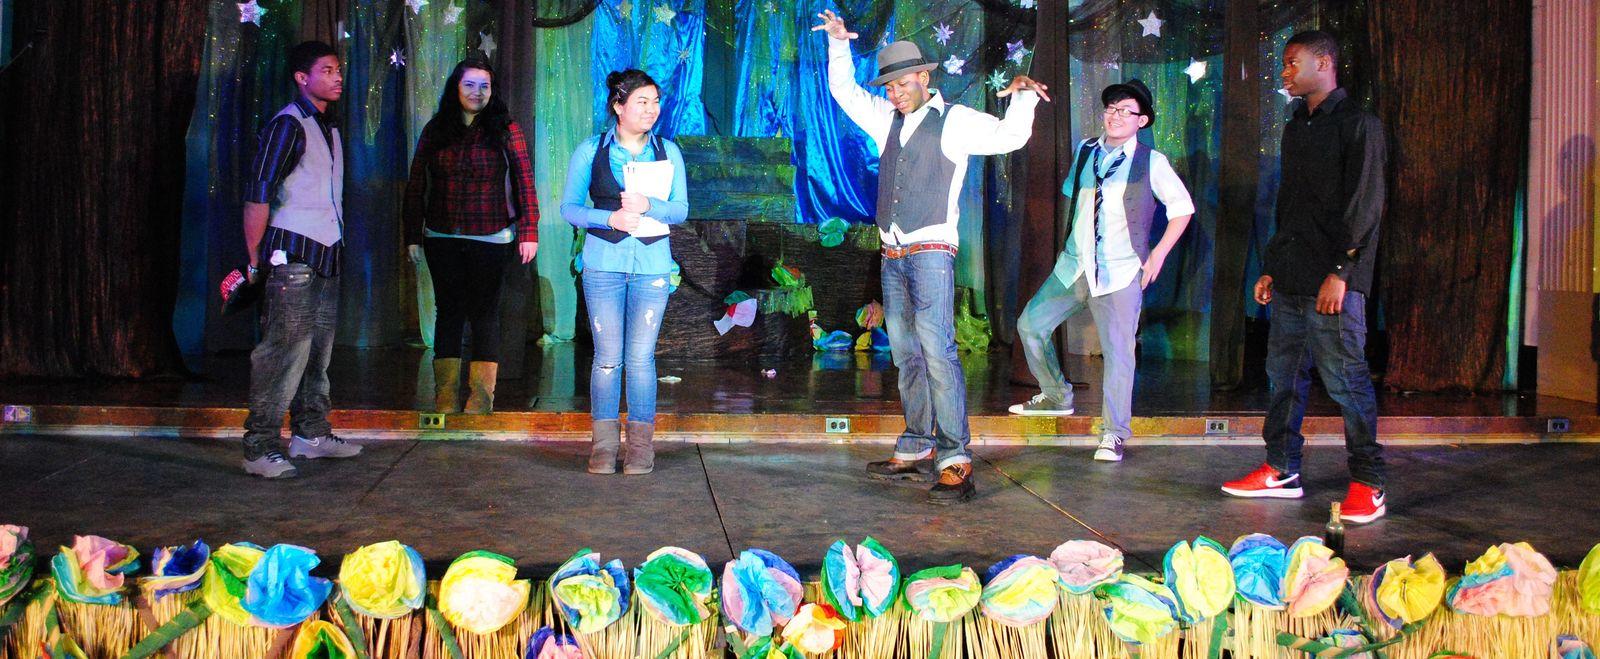 EdVestors Play performance on stage